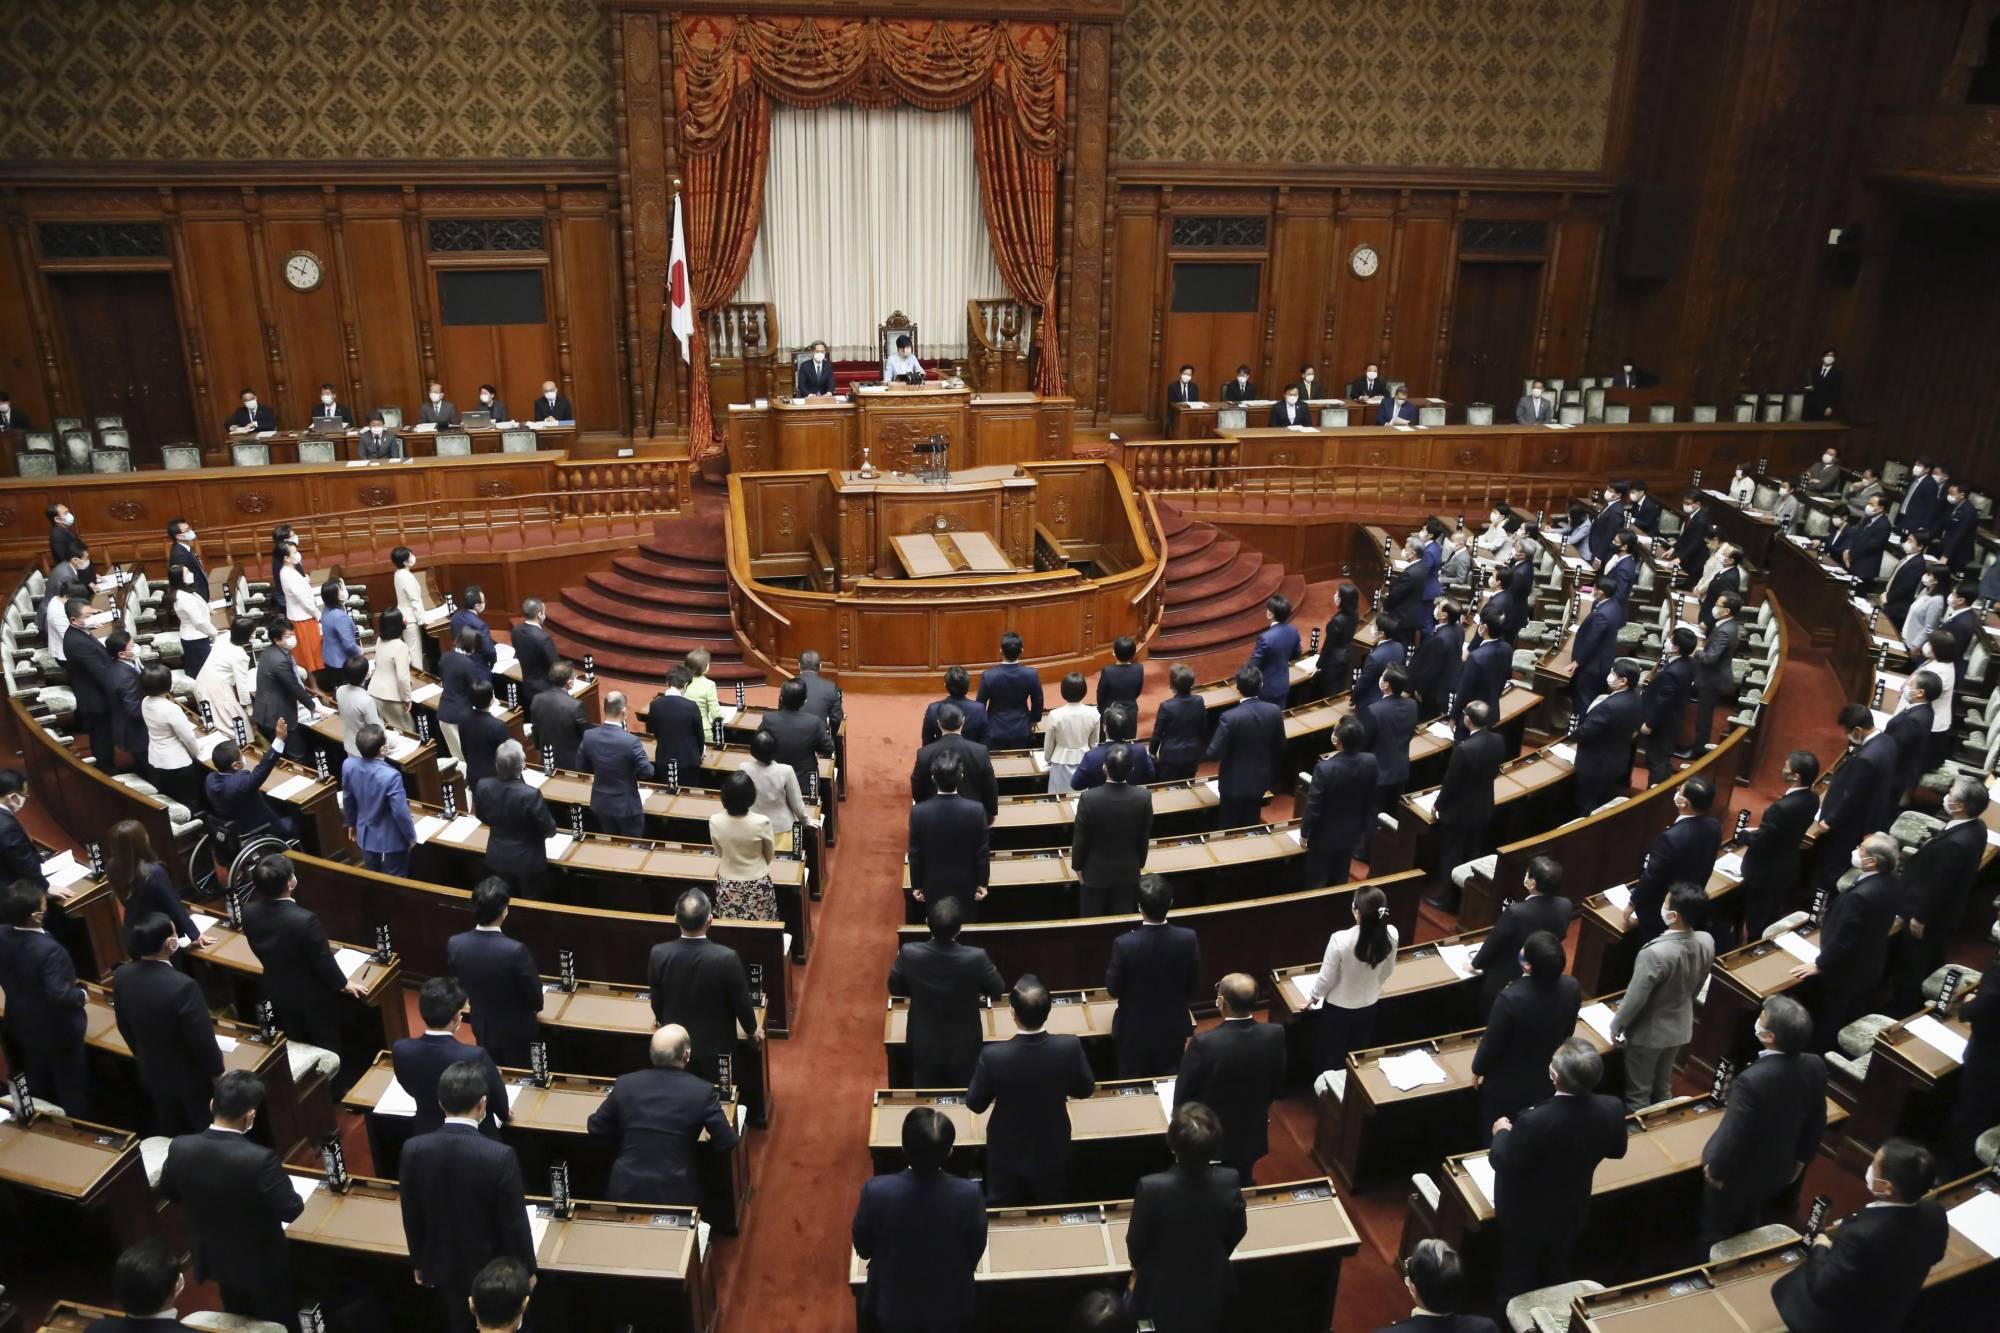 日本国会参议院全体会议批准了《区域全面经济伙伴关系自由贸易协定》.jpeg